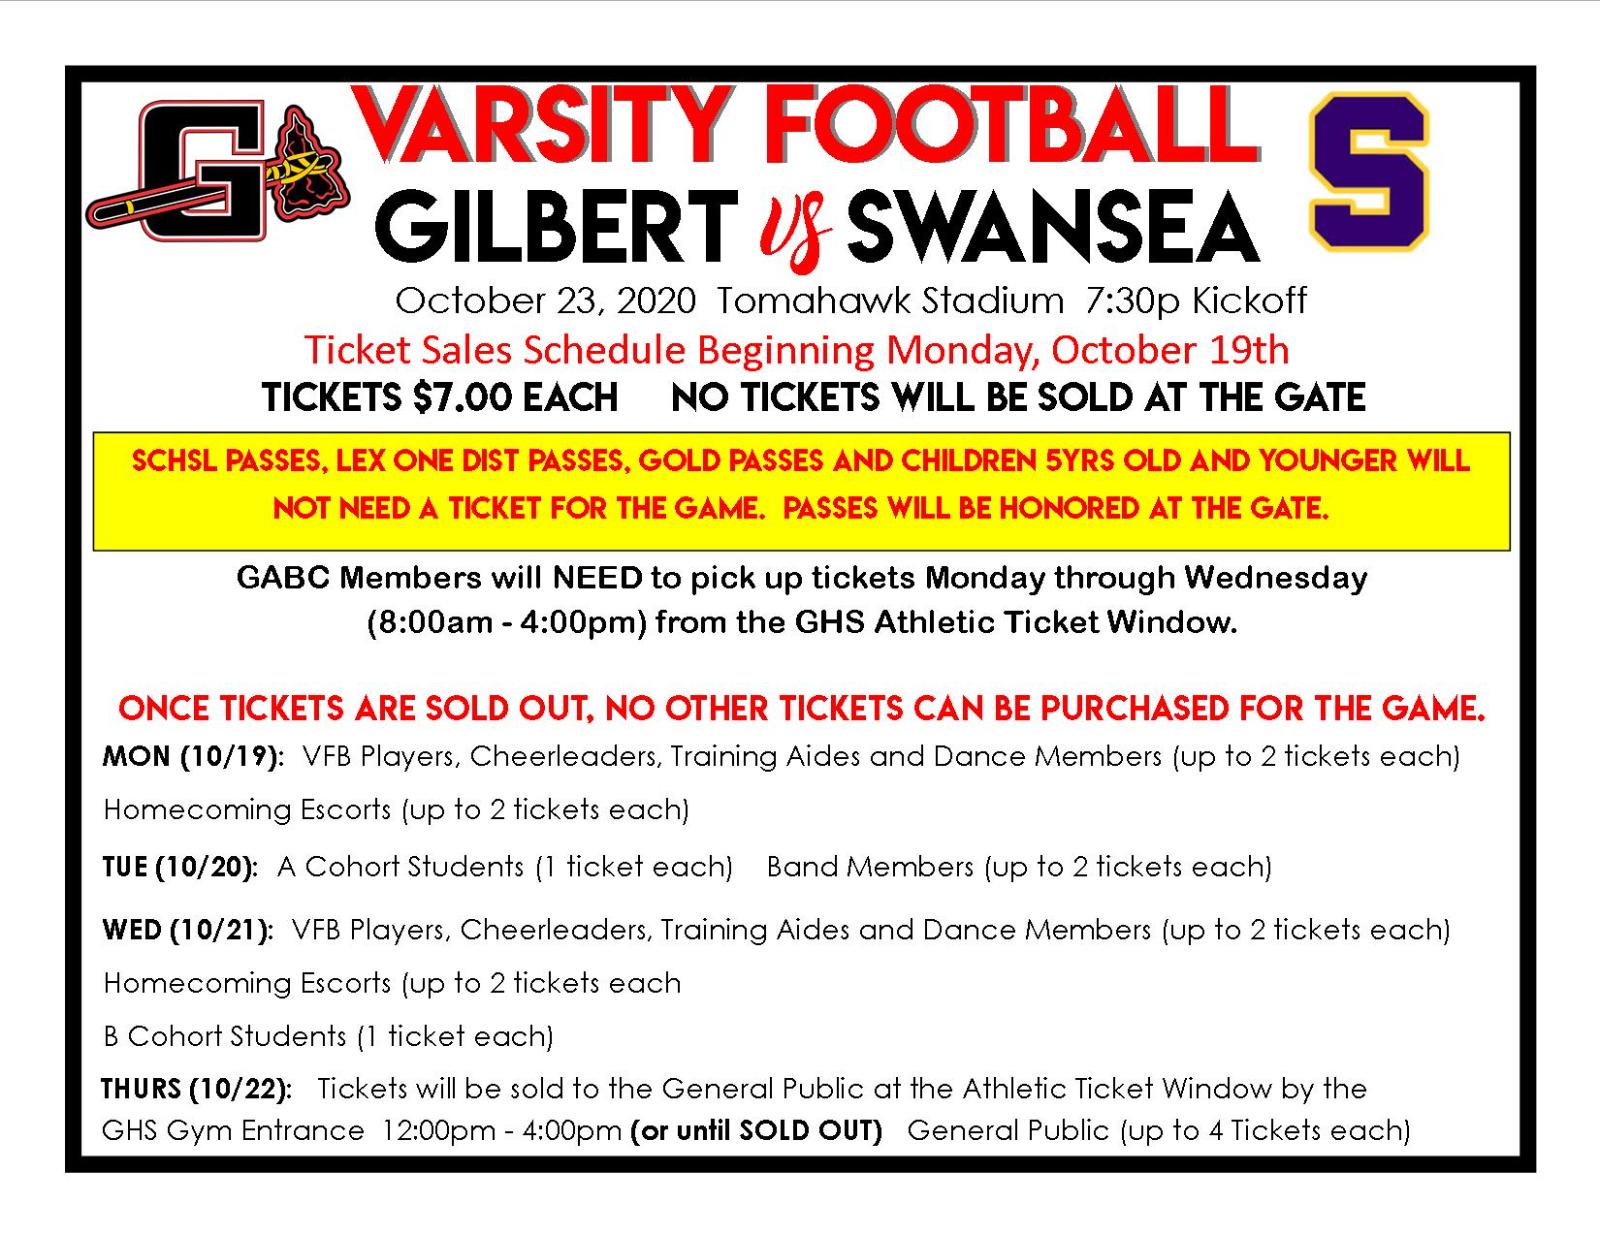 Gilbert/Swansea Varsity Football Tickets